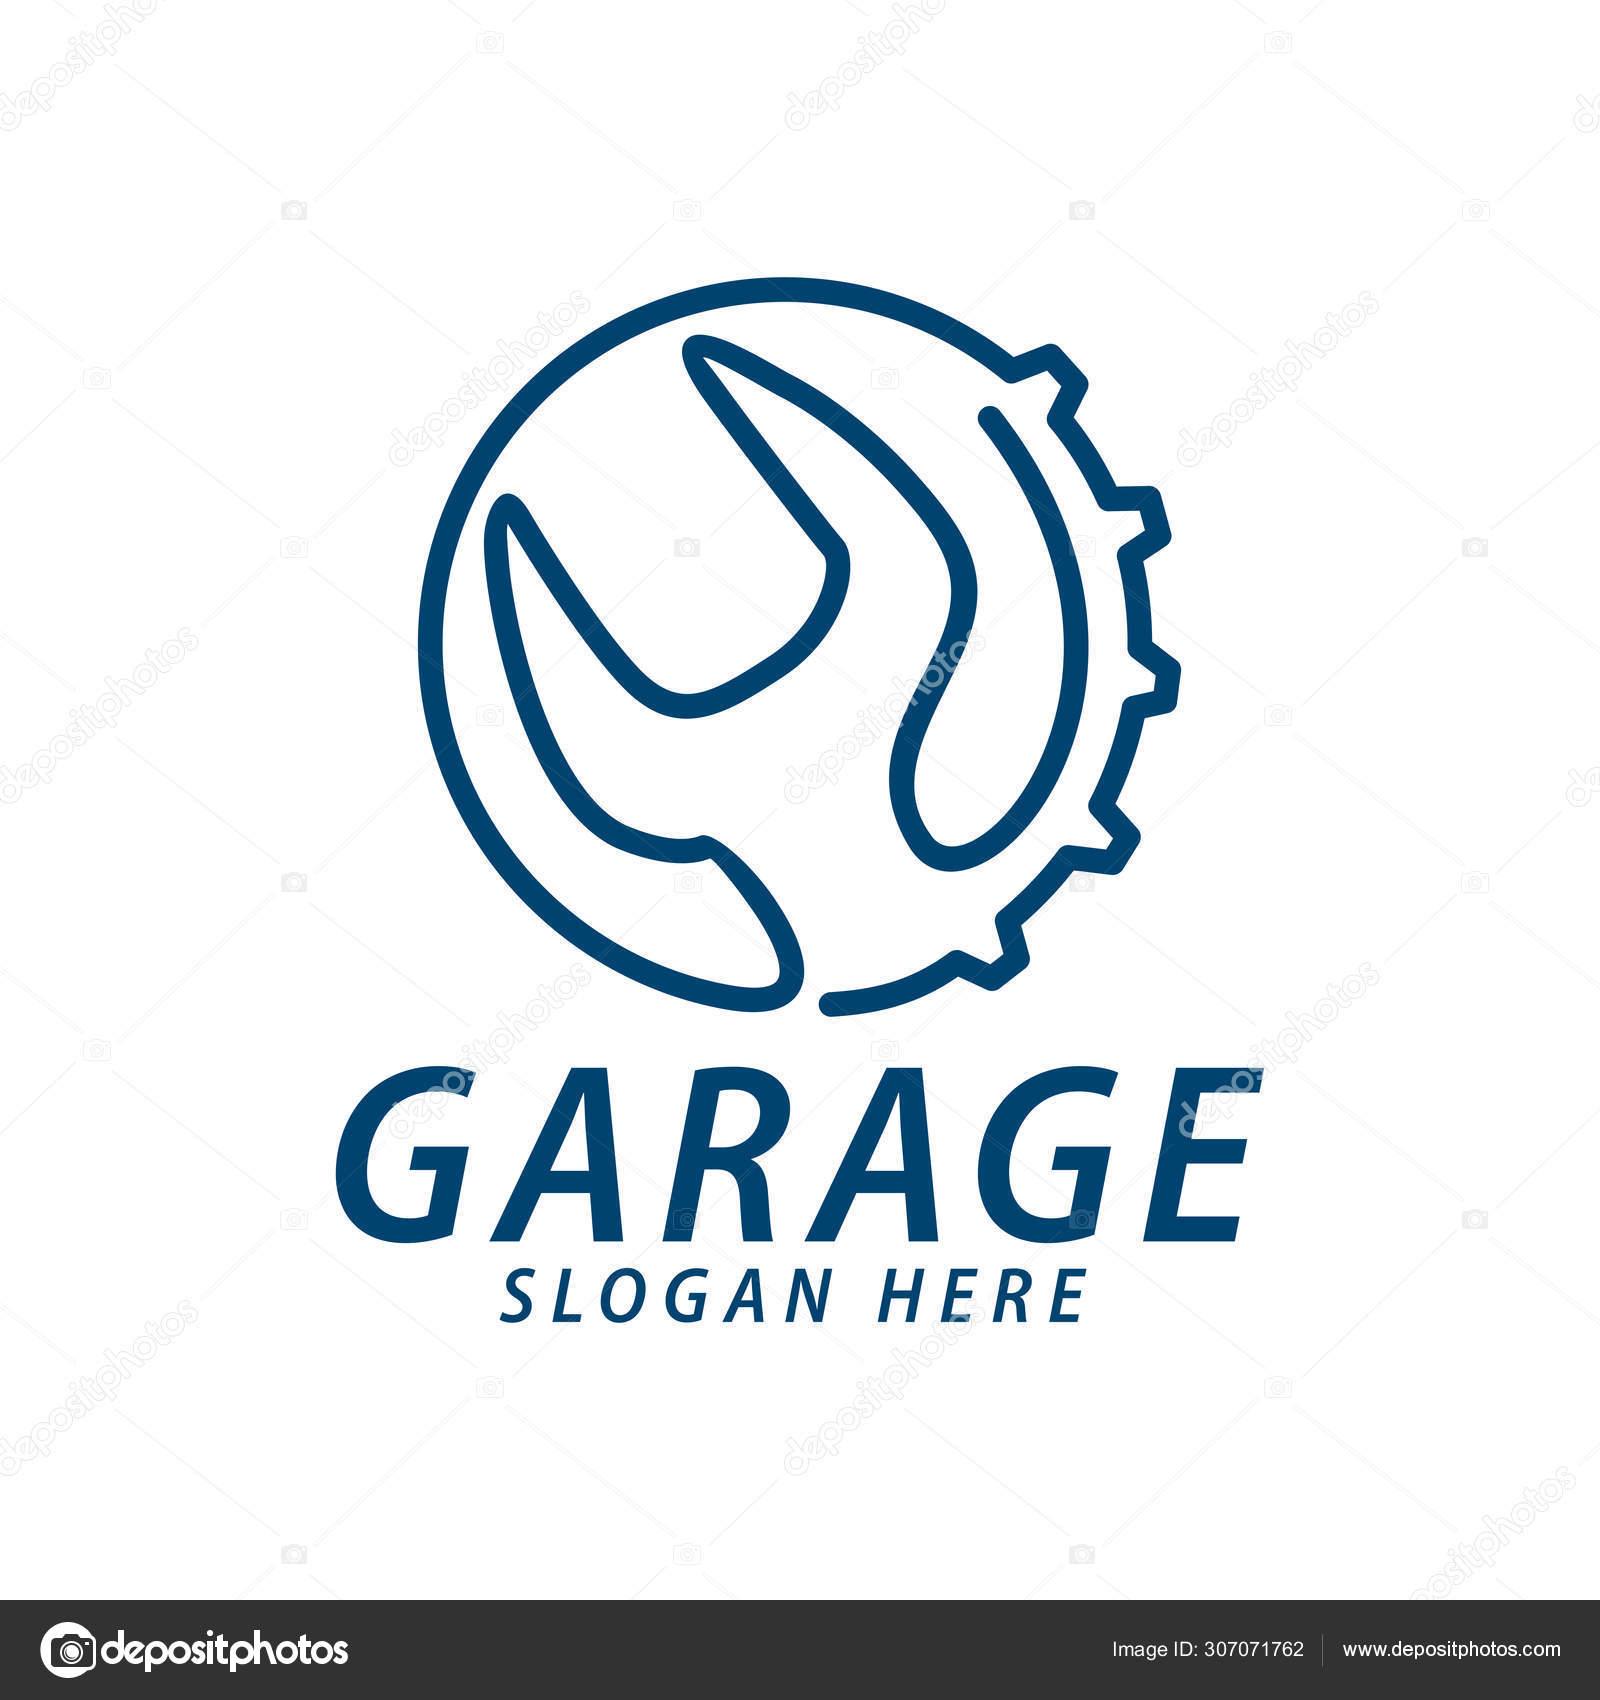 Automotive Line Car Care Repair Garage Logo Design Concept Templ Stock Vector C Stwst 307071762